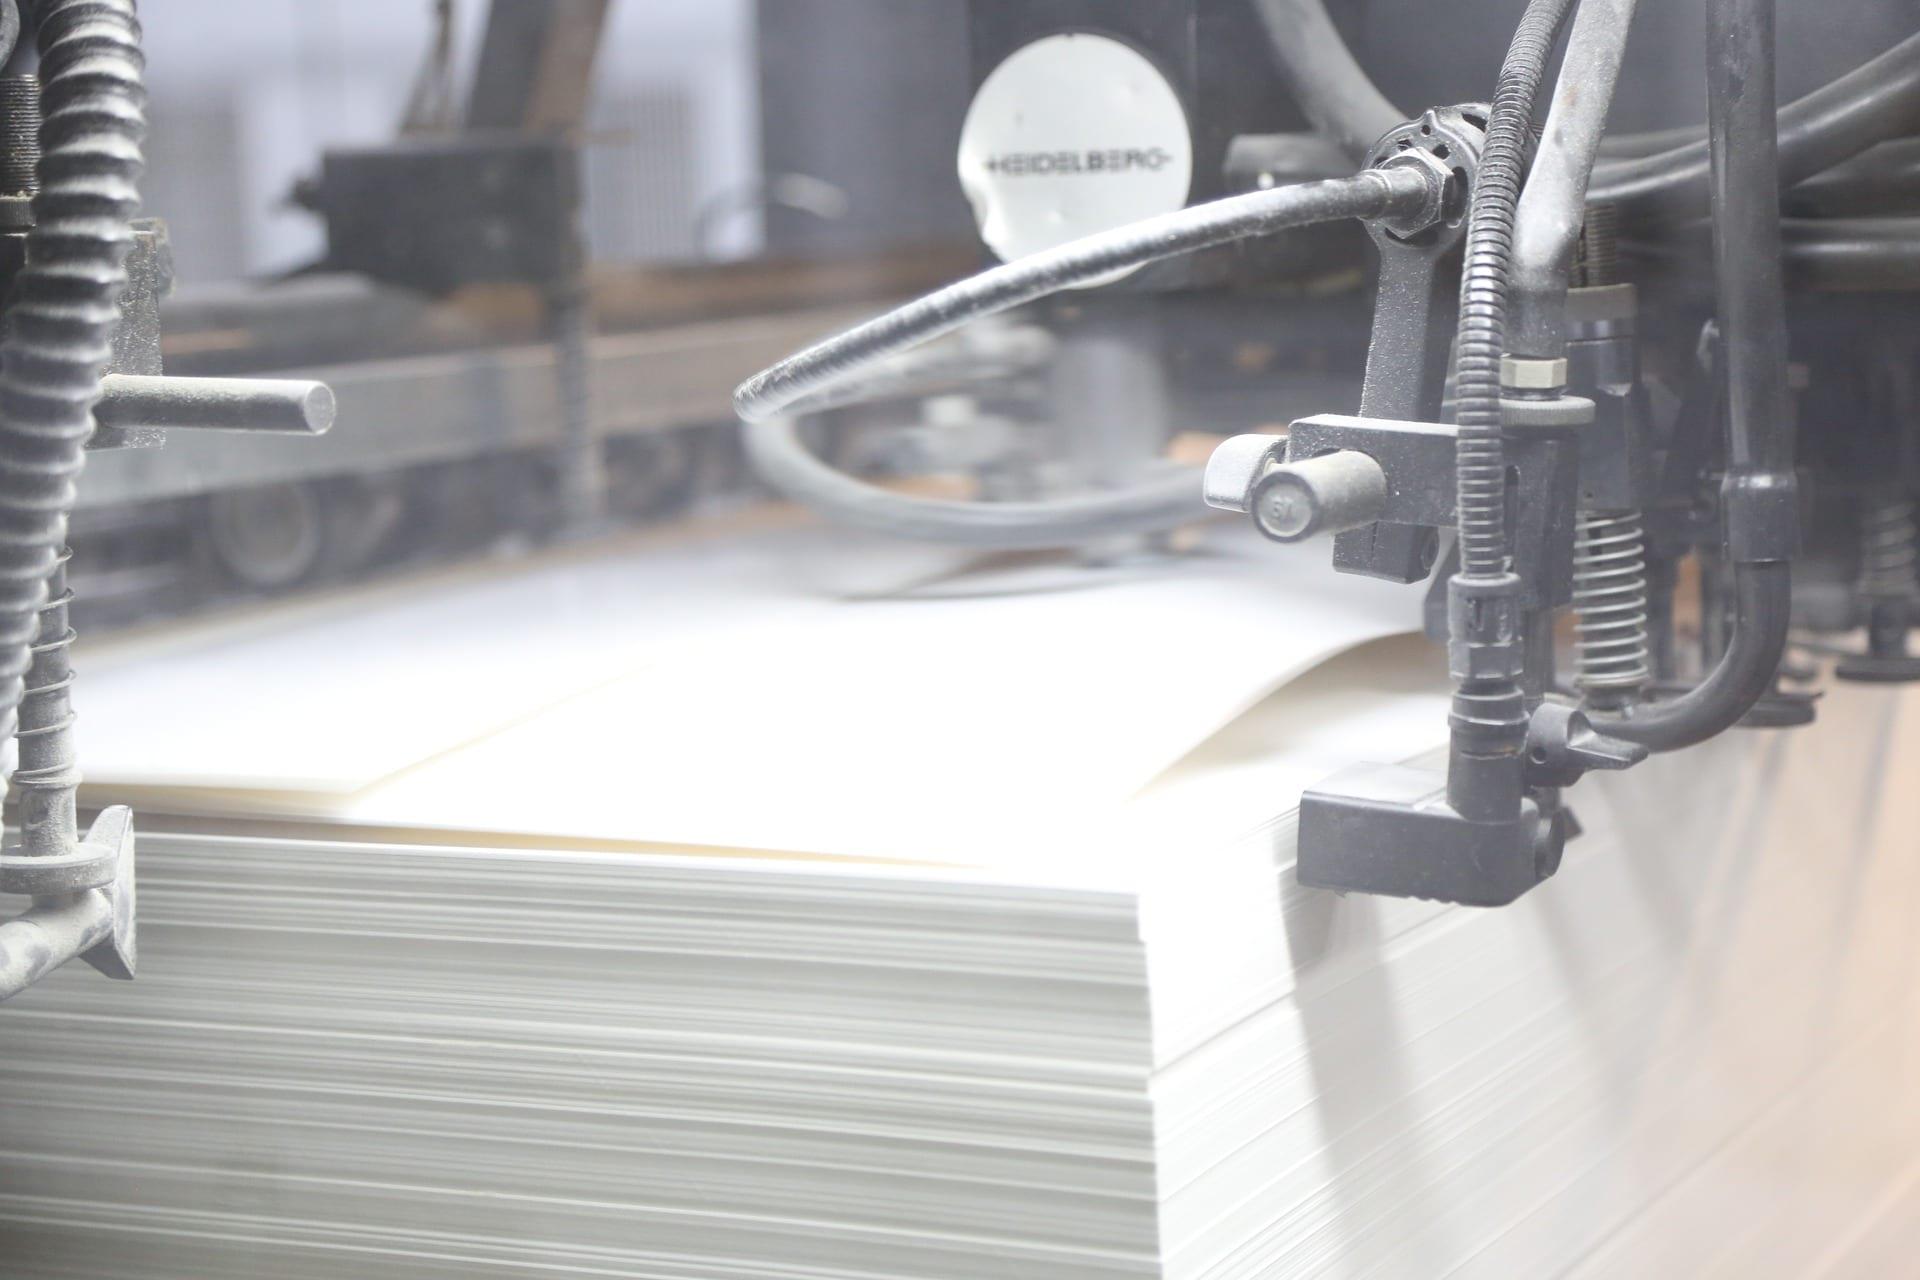 mesin yang mengatur cara mengatur margin pada mesin fotocopy